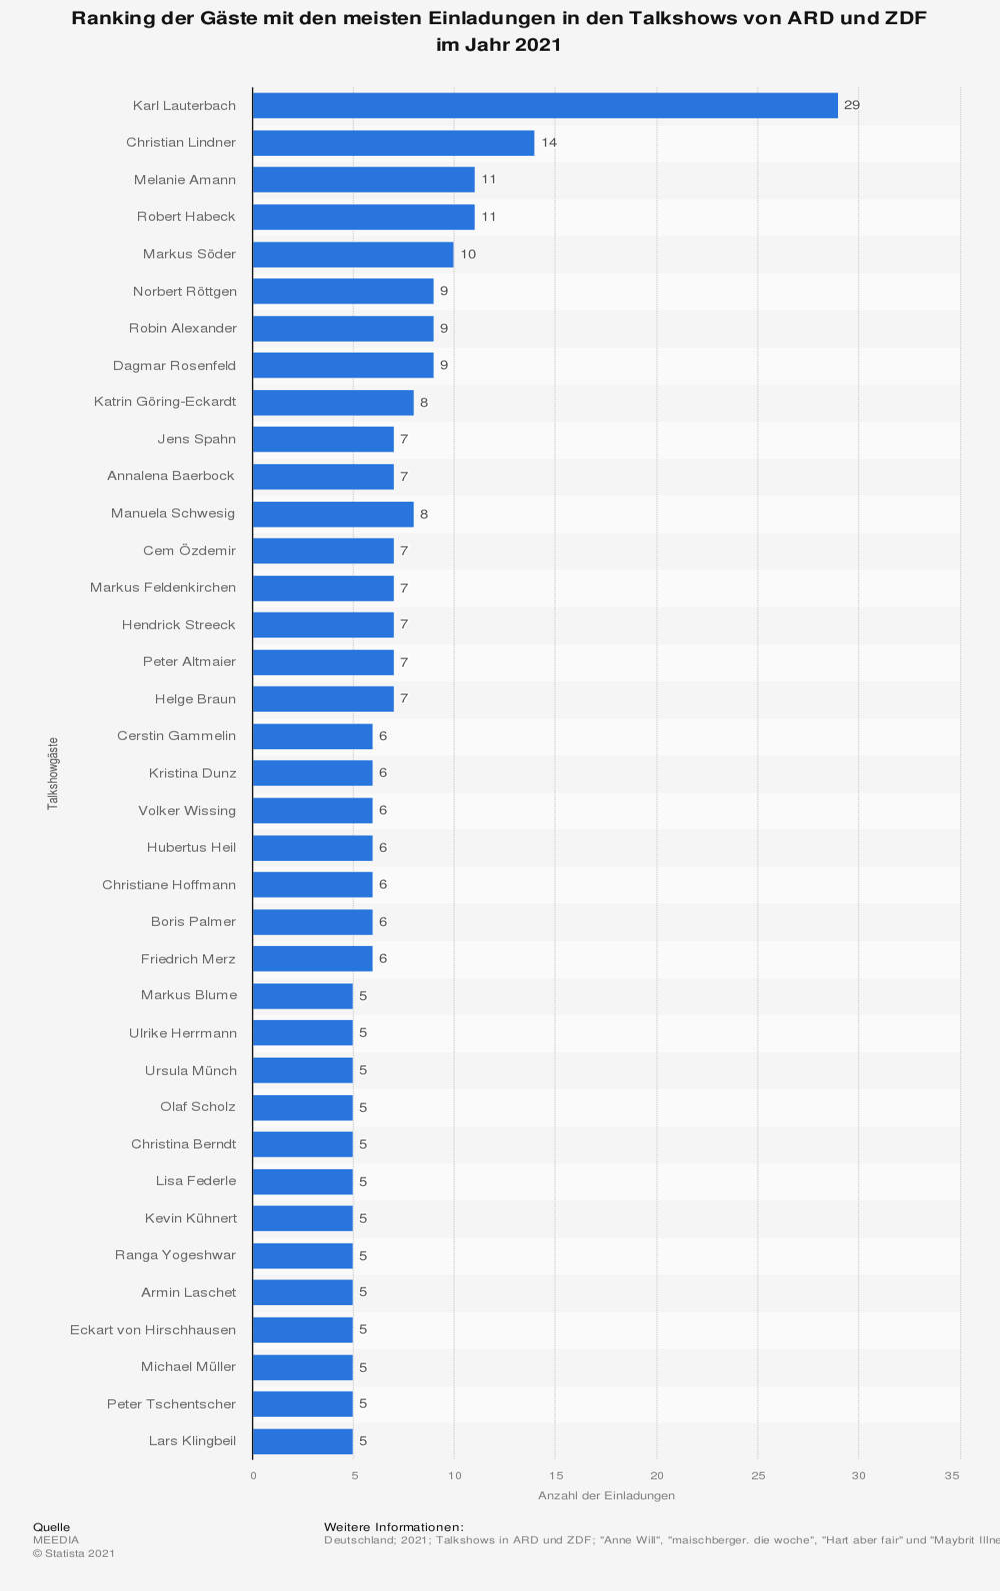 Statistik: Ranking der Gäste mit den meisten Einladungen in den Talkshows von ARD und ZDF im Jahr 2020 | Statista